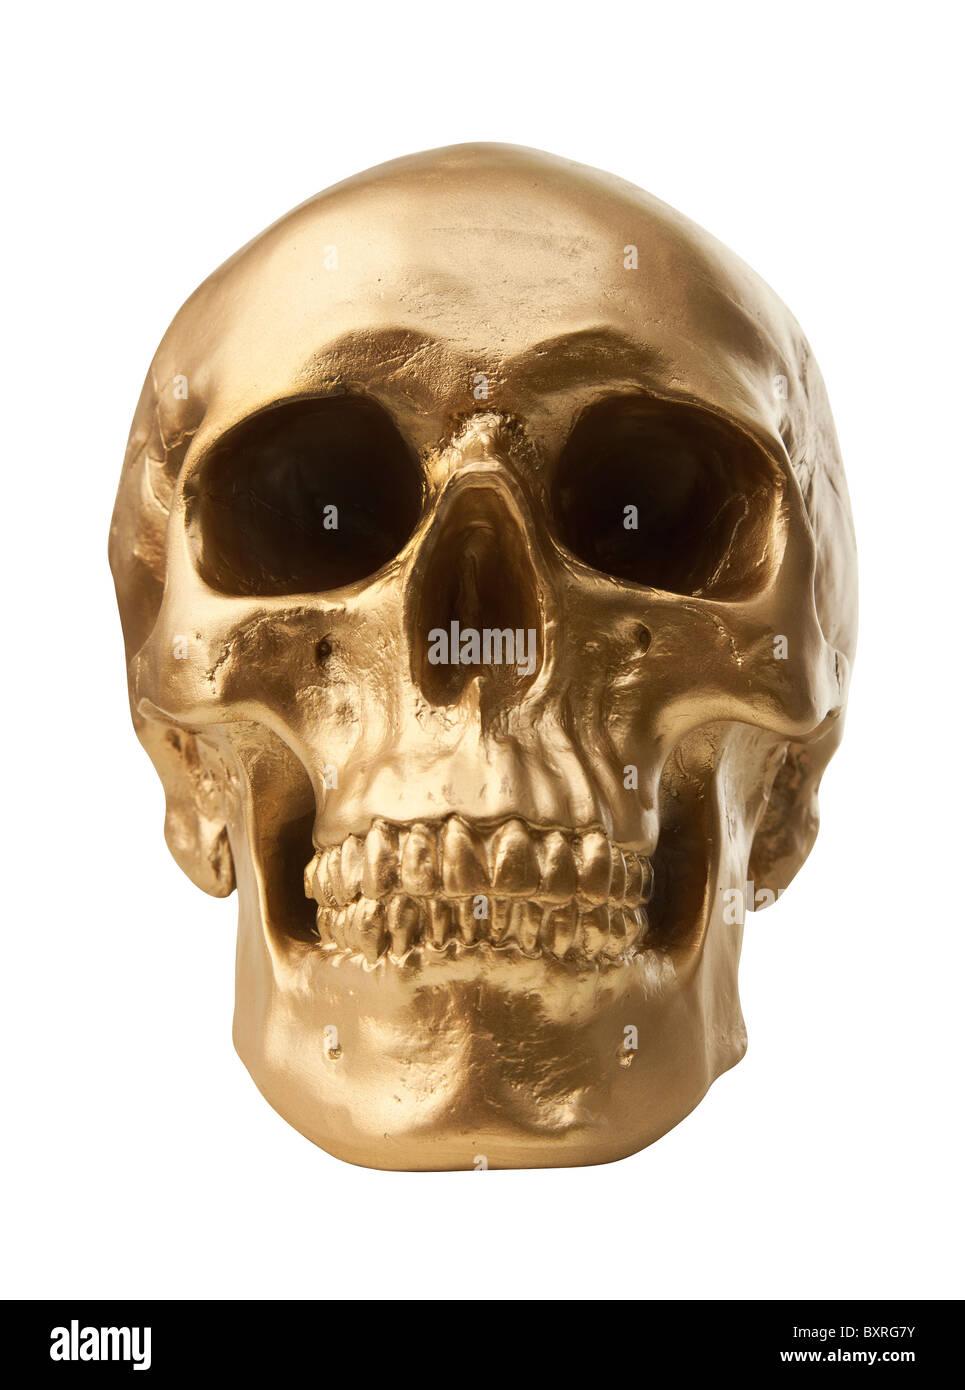 Golden cráneo humano aislado sobre fondo blanco. Foto de stock